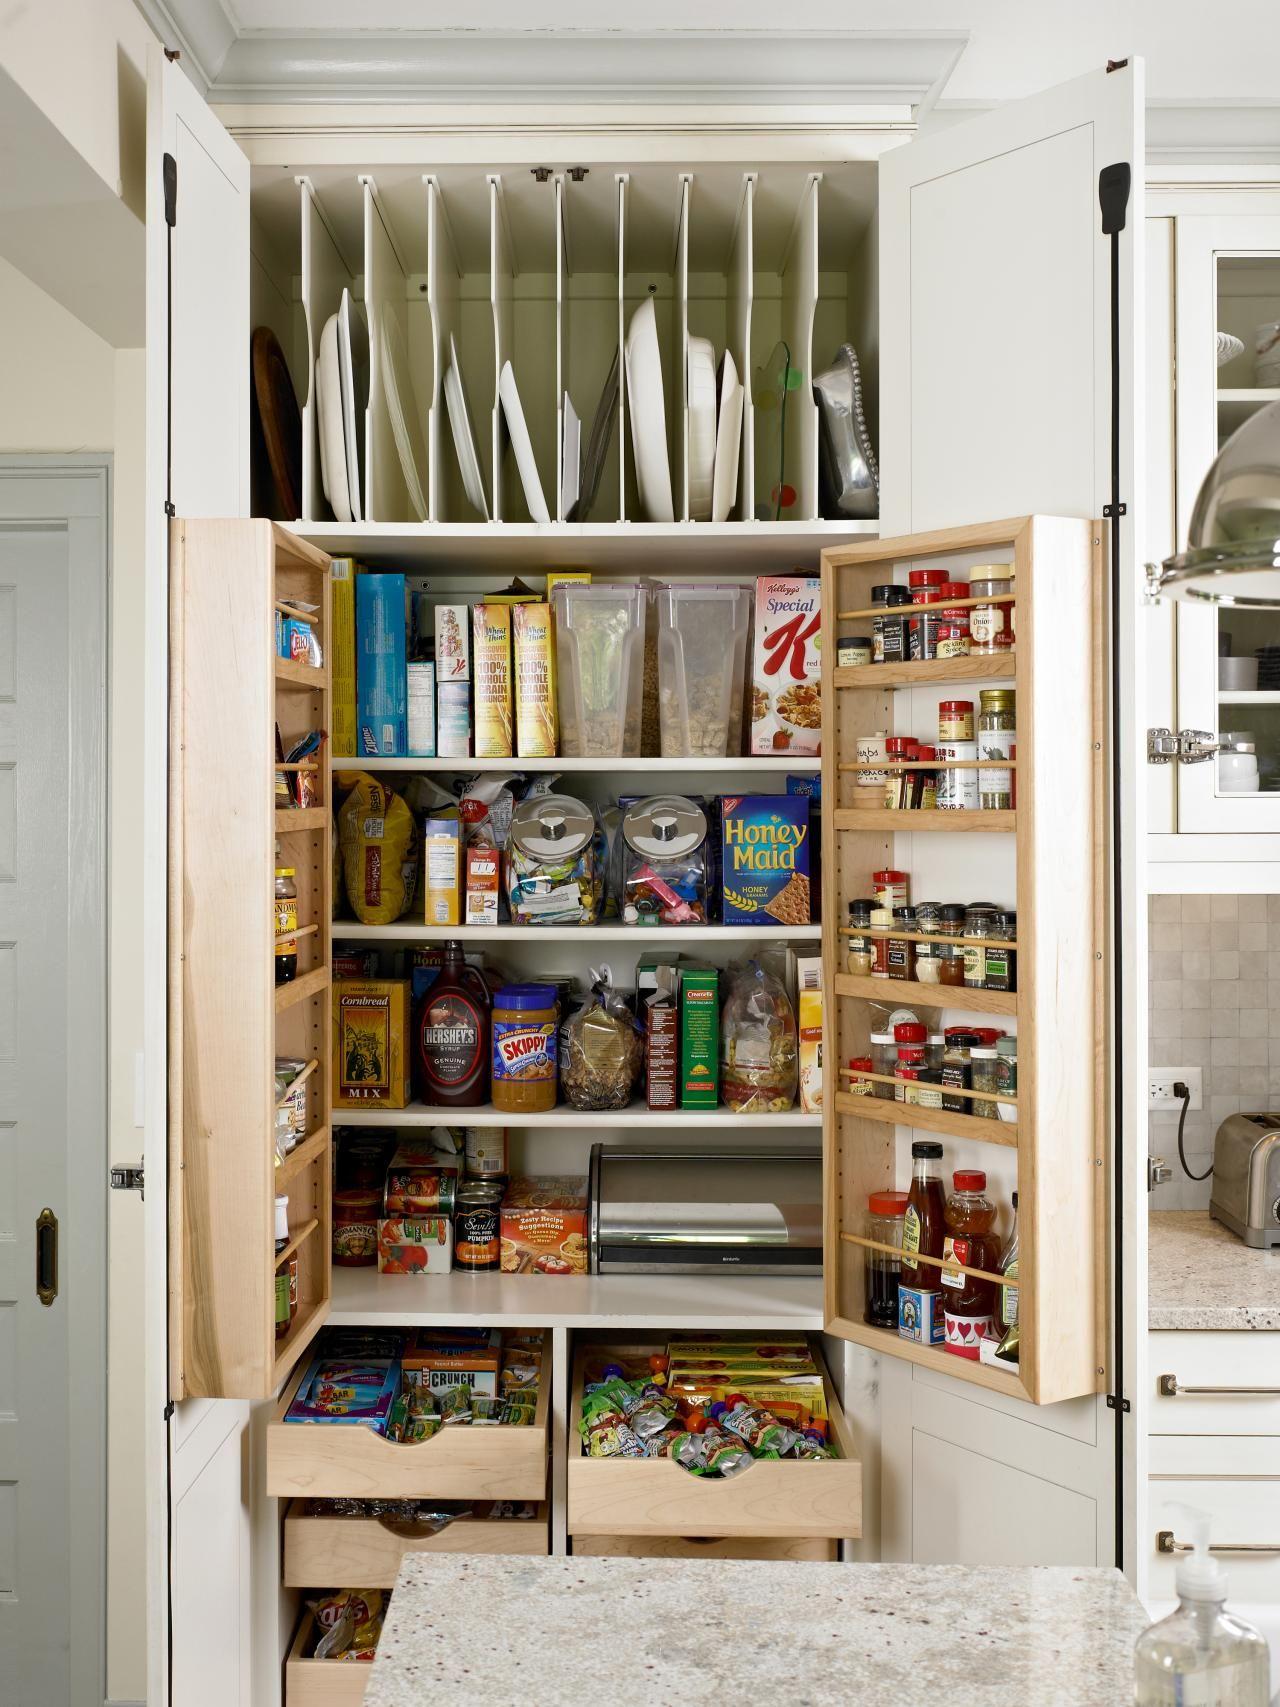 30 Small Kitchen Storage Ideas Kitchen Cabinet Accessories Kitchen Storage Solutions Small Kitchen Storage